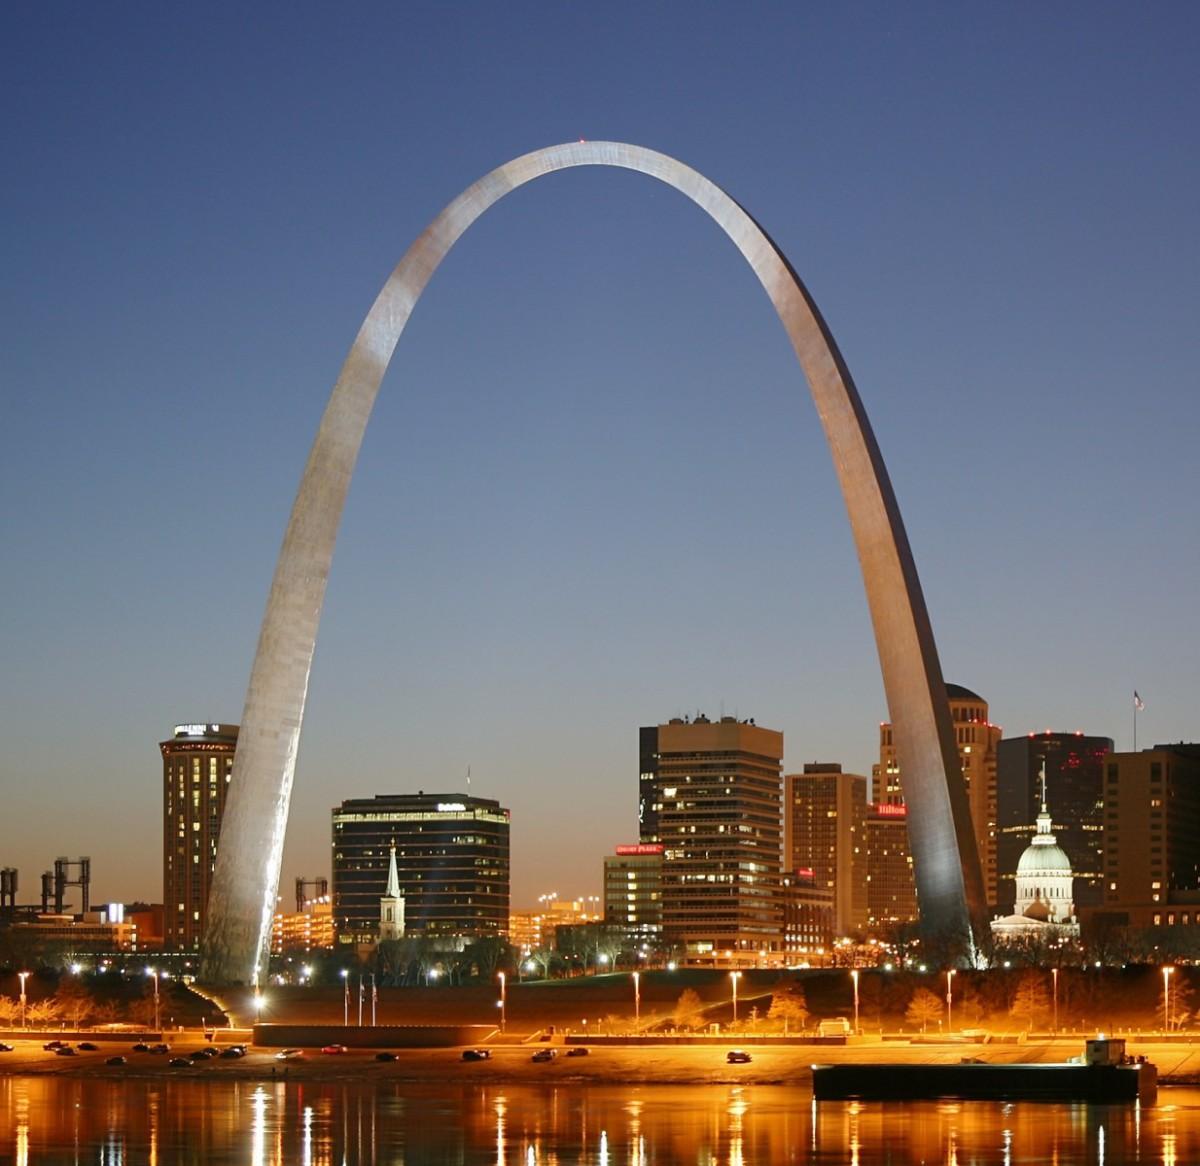 St. Louis Gateway Arch